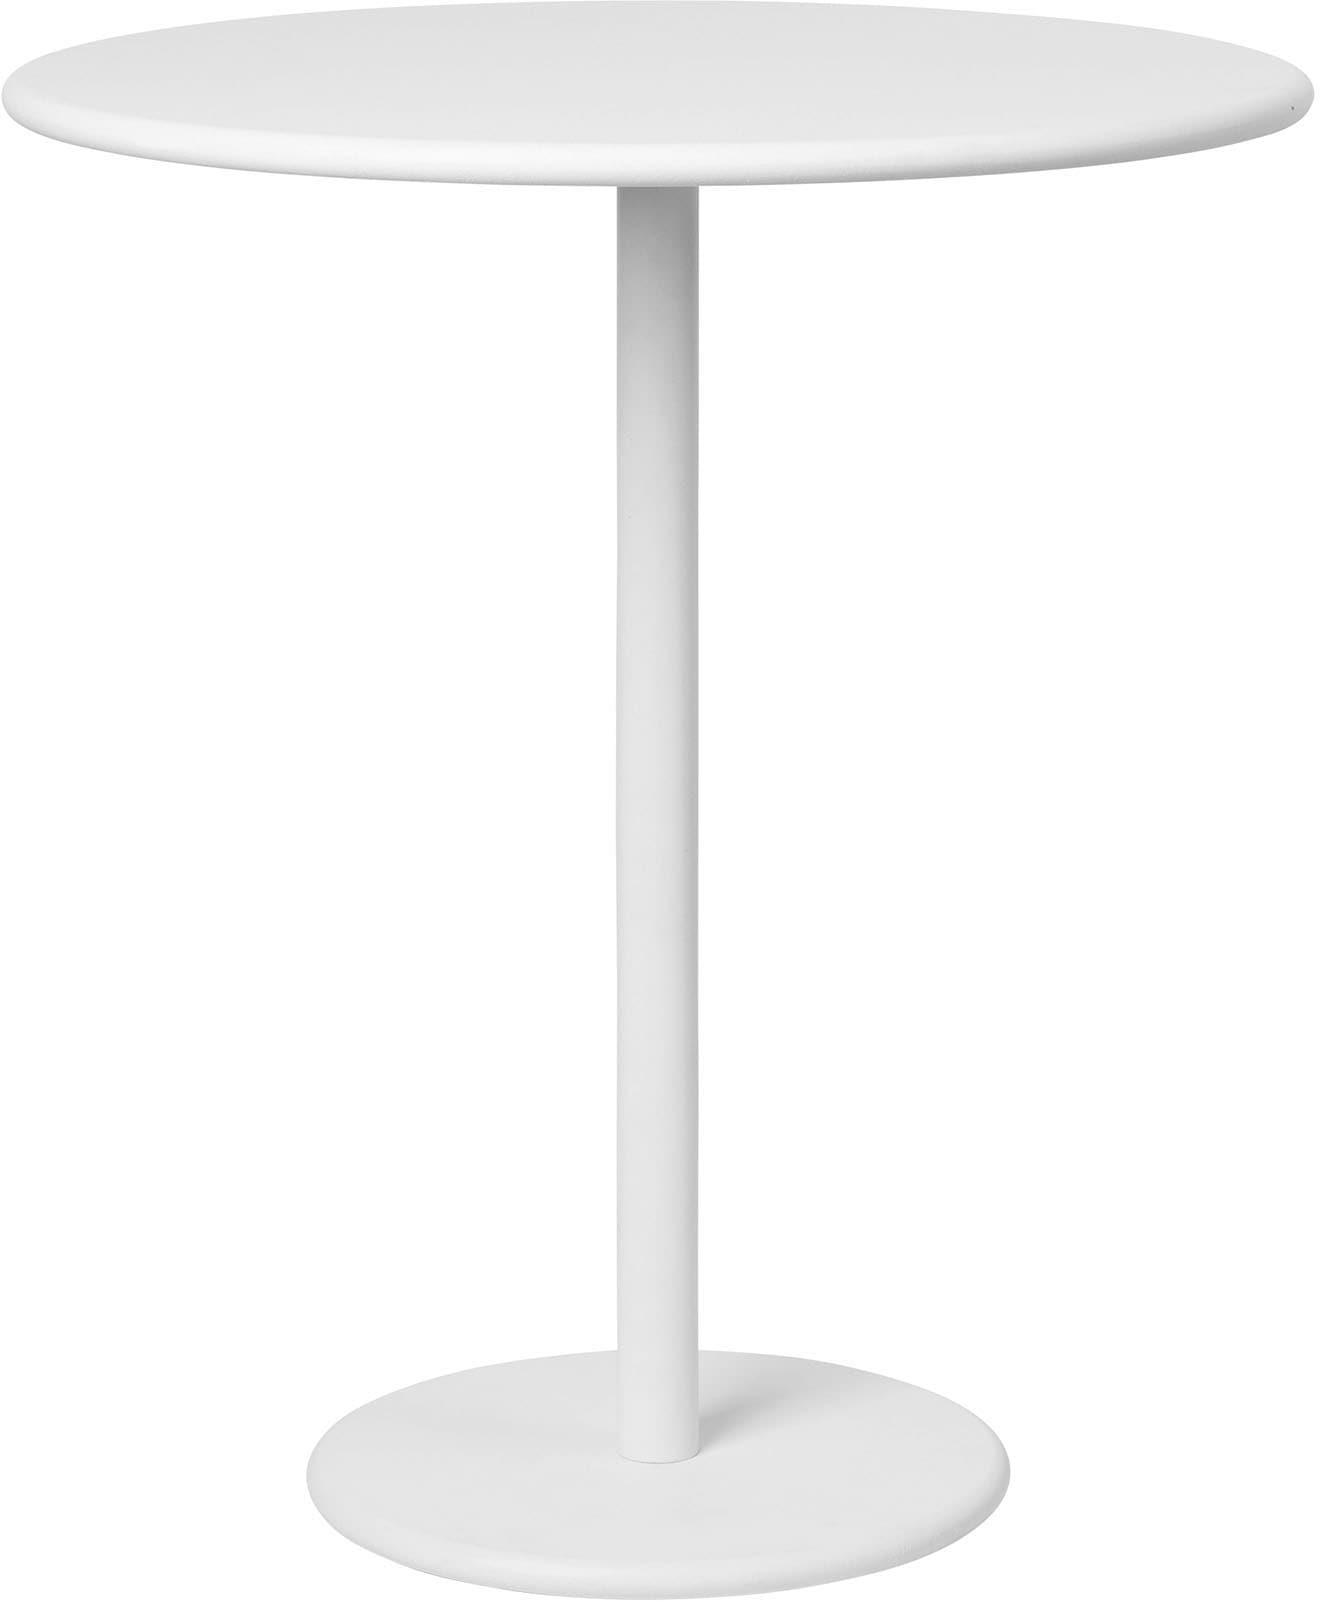 BLOMUS Beistelltisch Garten -STAY- White weiß Beistelltische Tische